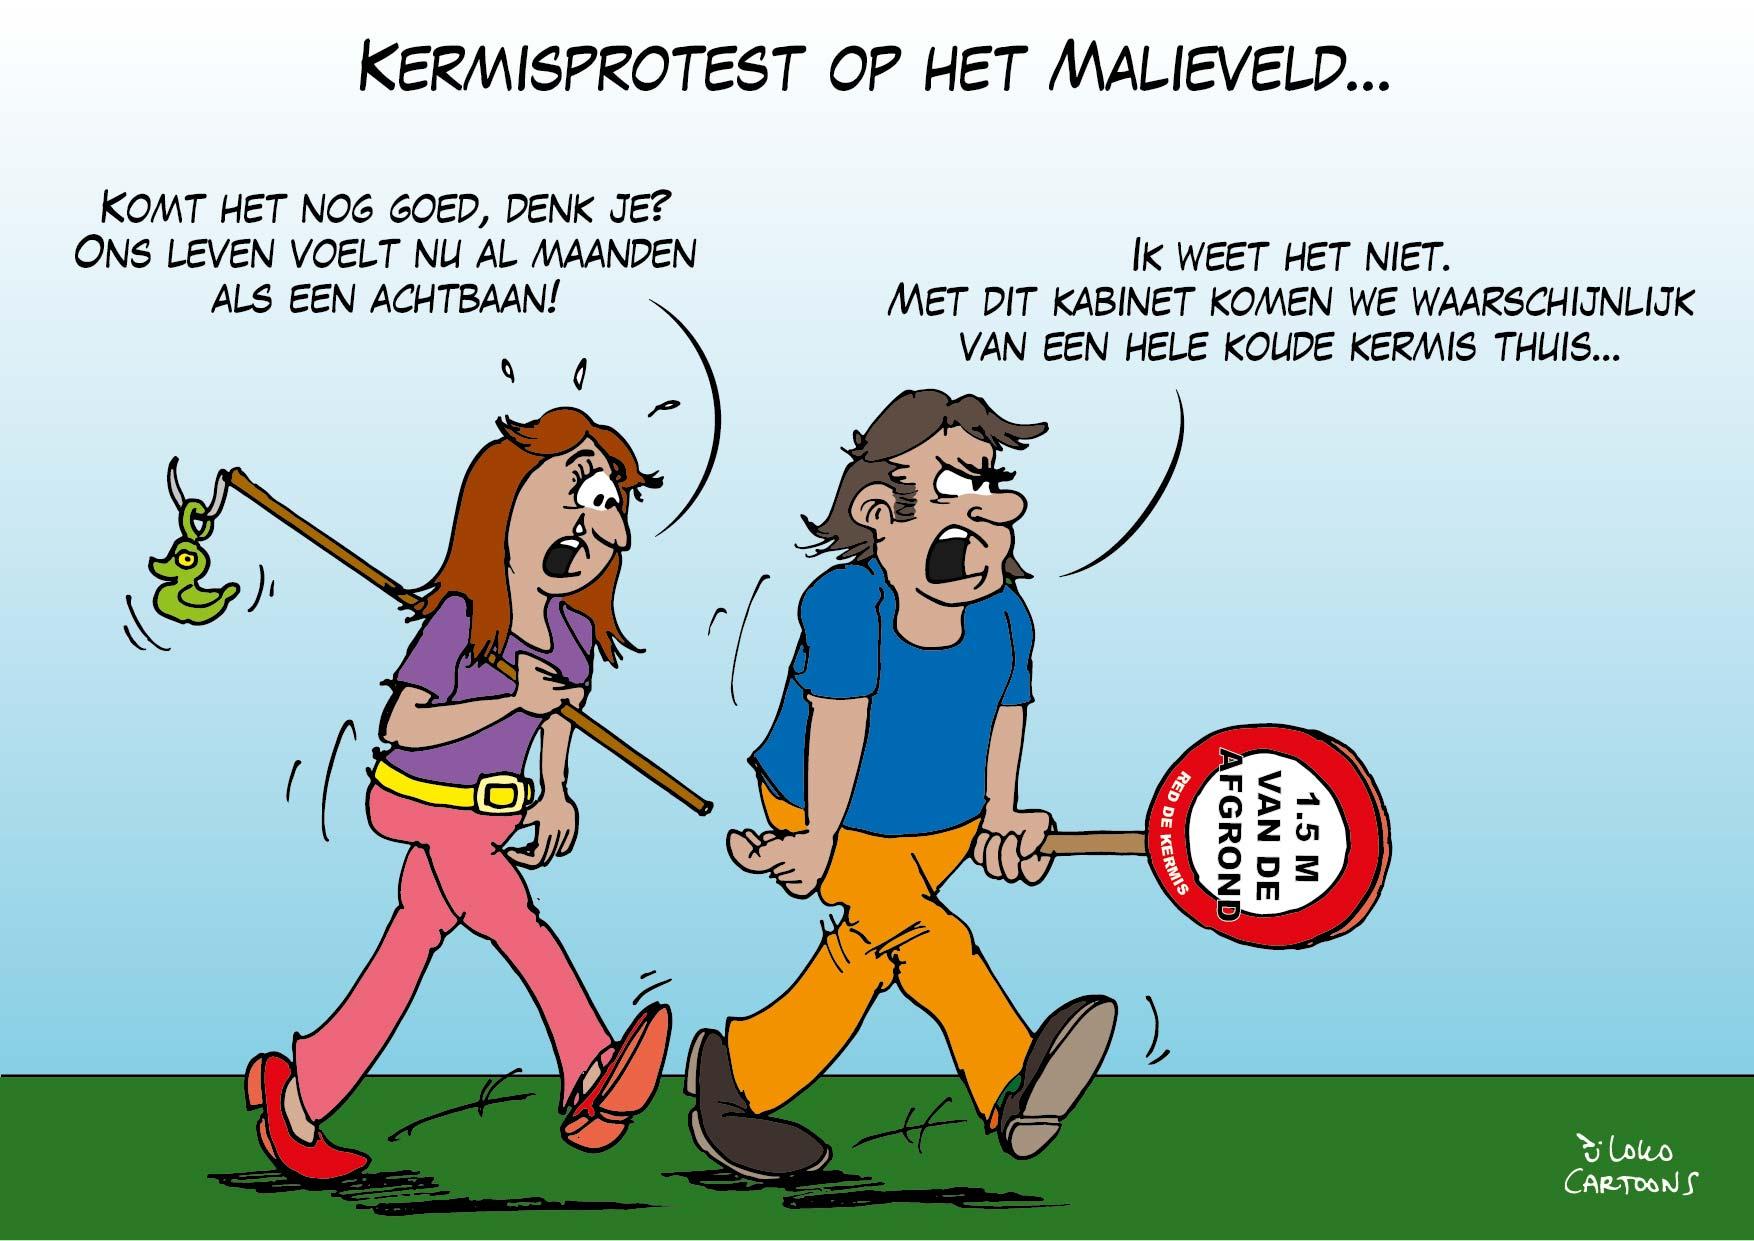 Kermisprotest op het Malieveld…